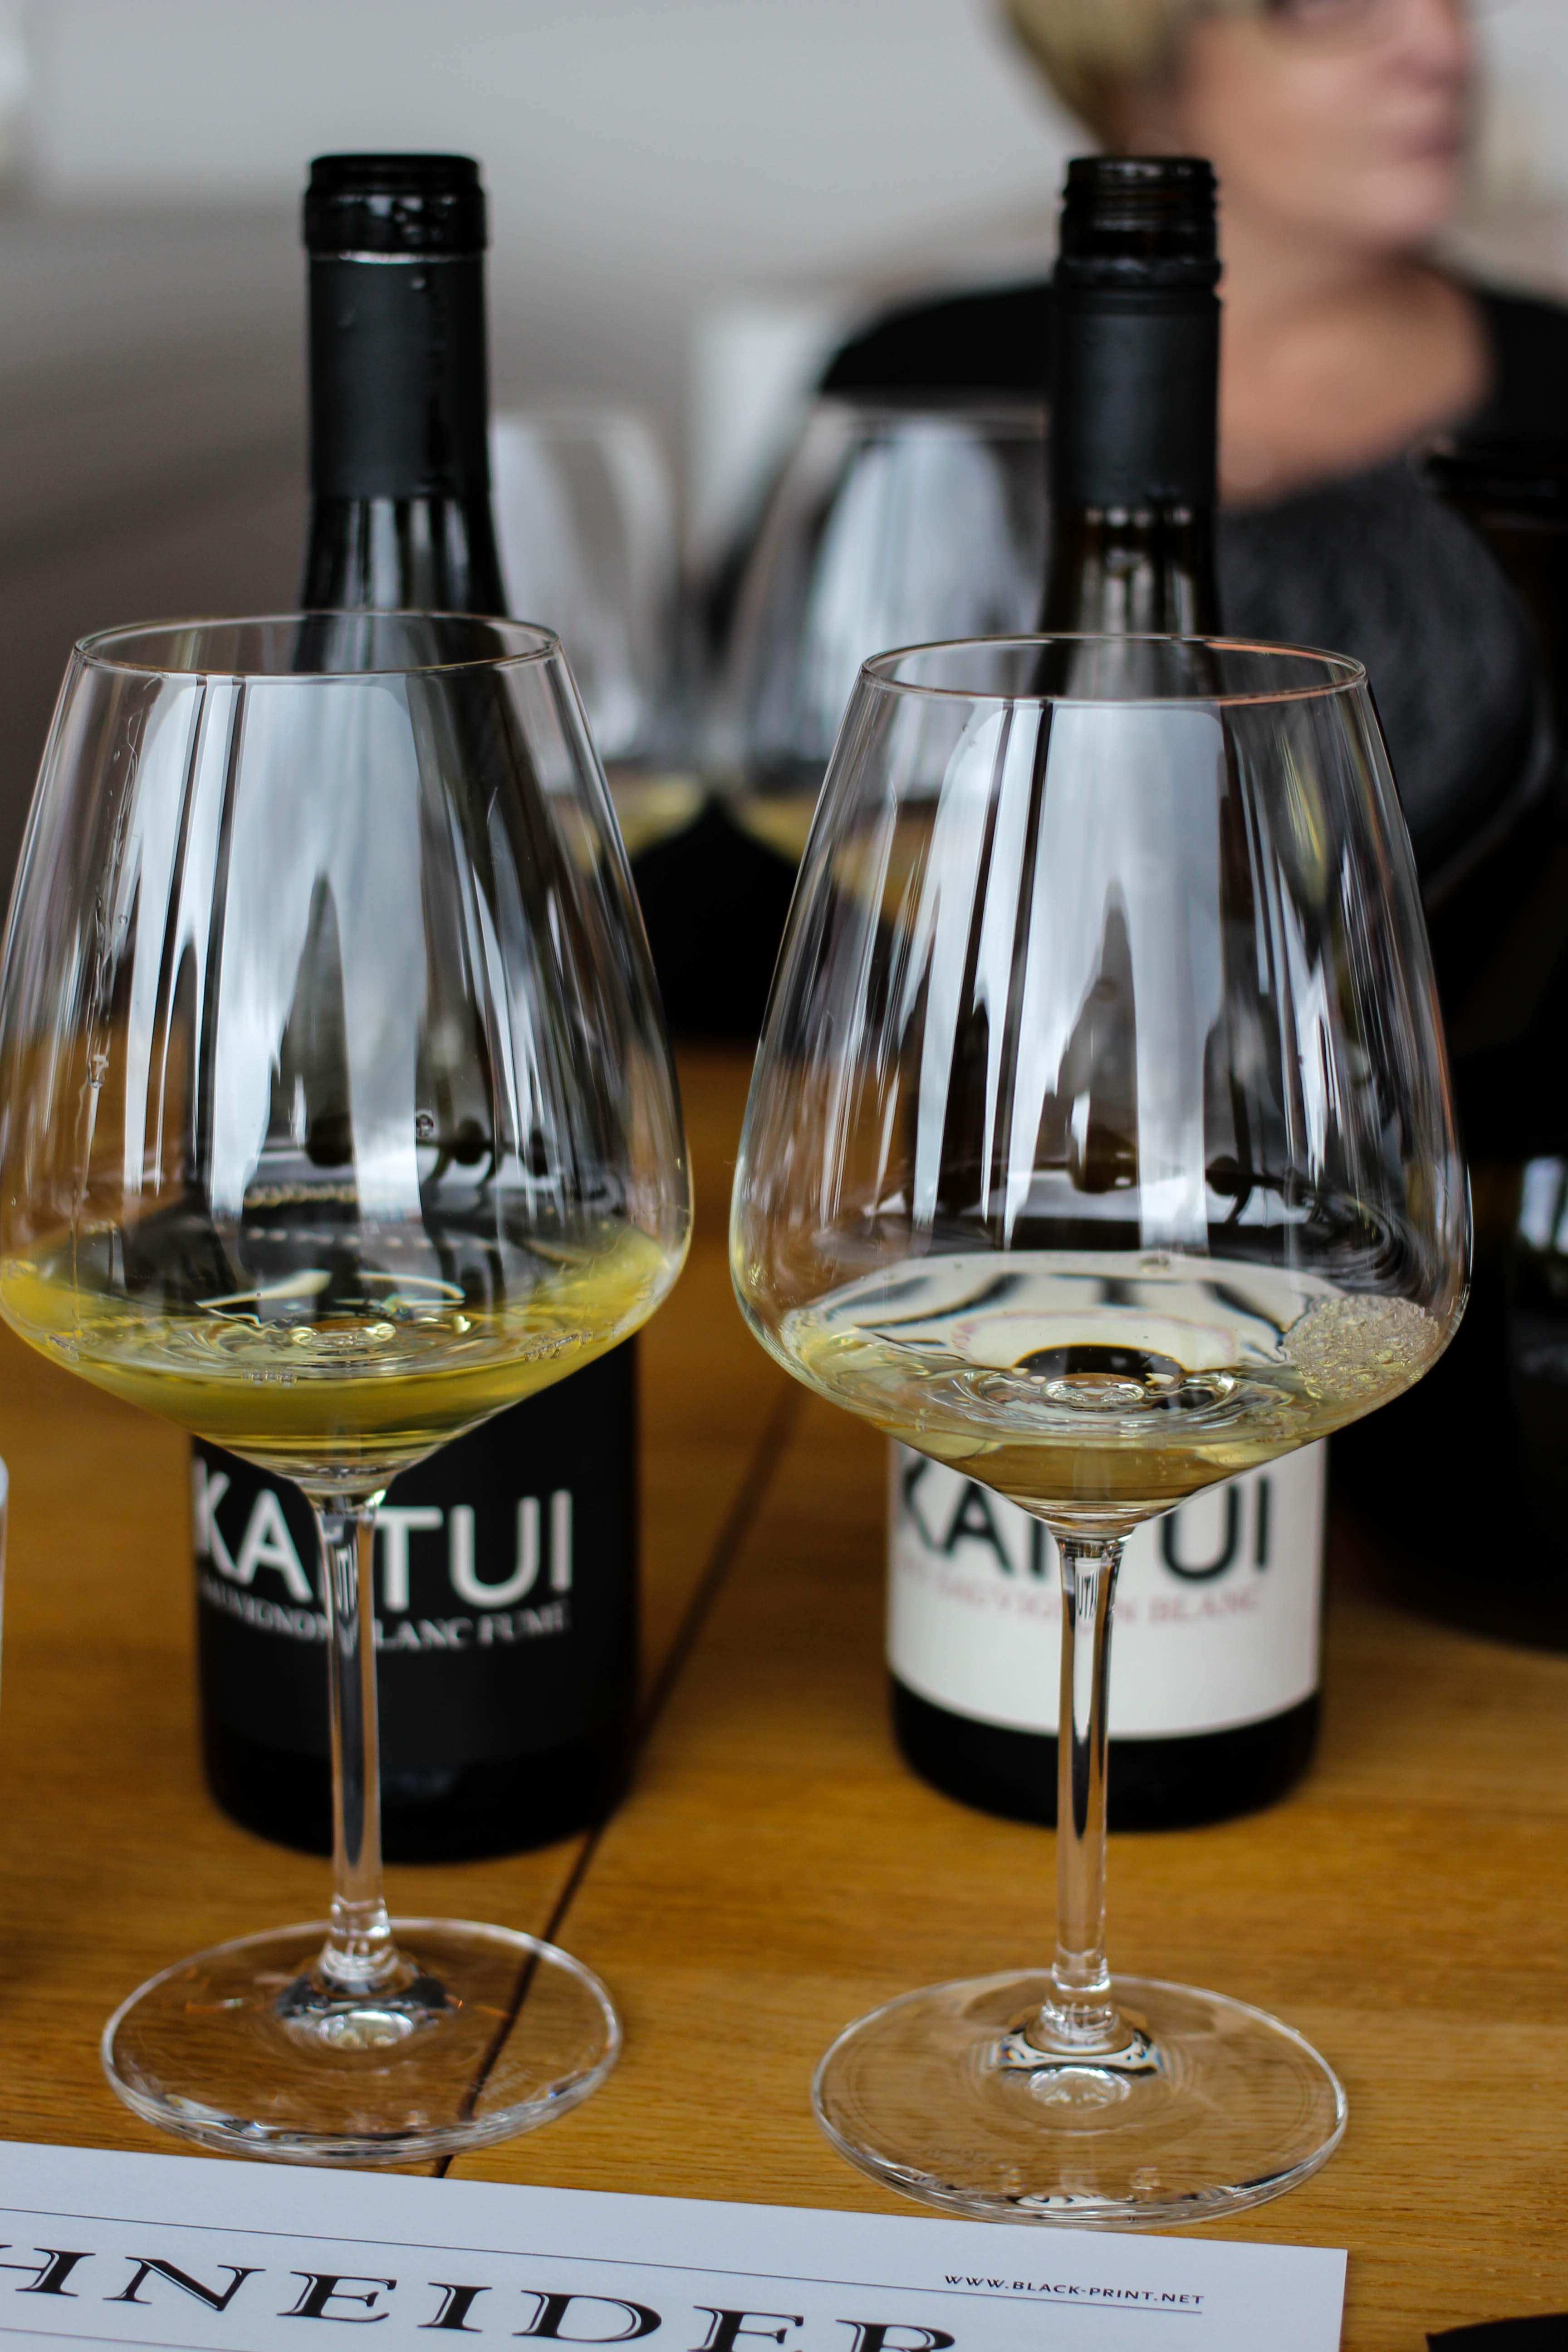 Mercure Weinlese Reiseblog Weißwein KAITUI Weingut Markus Schneider